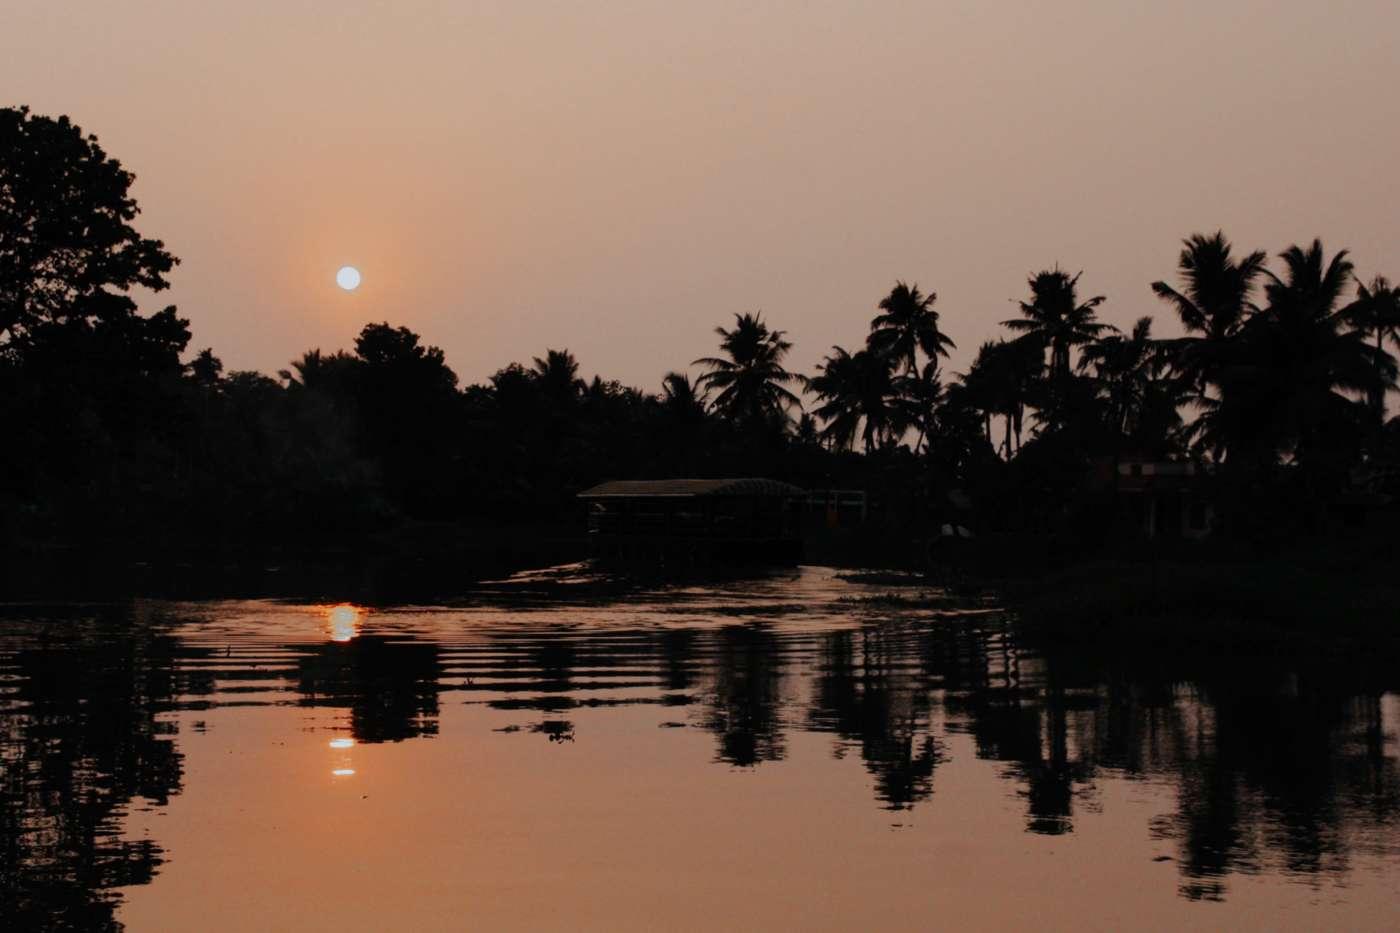 kerala-houseboats-india